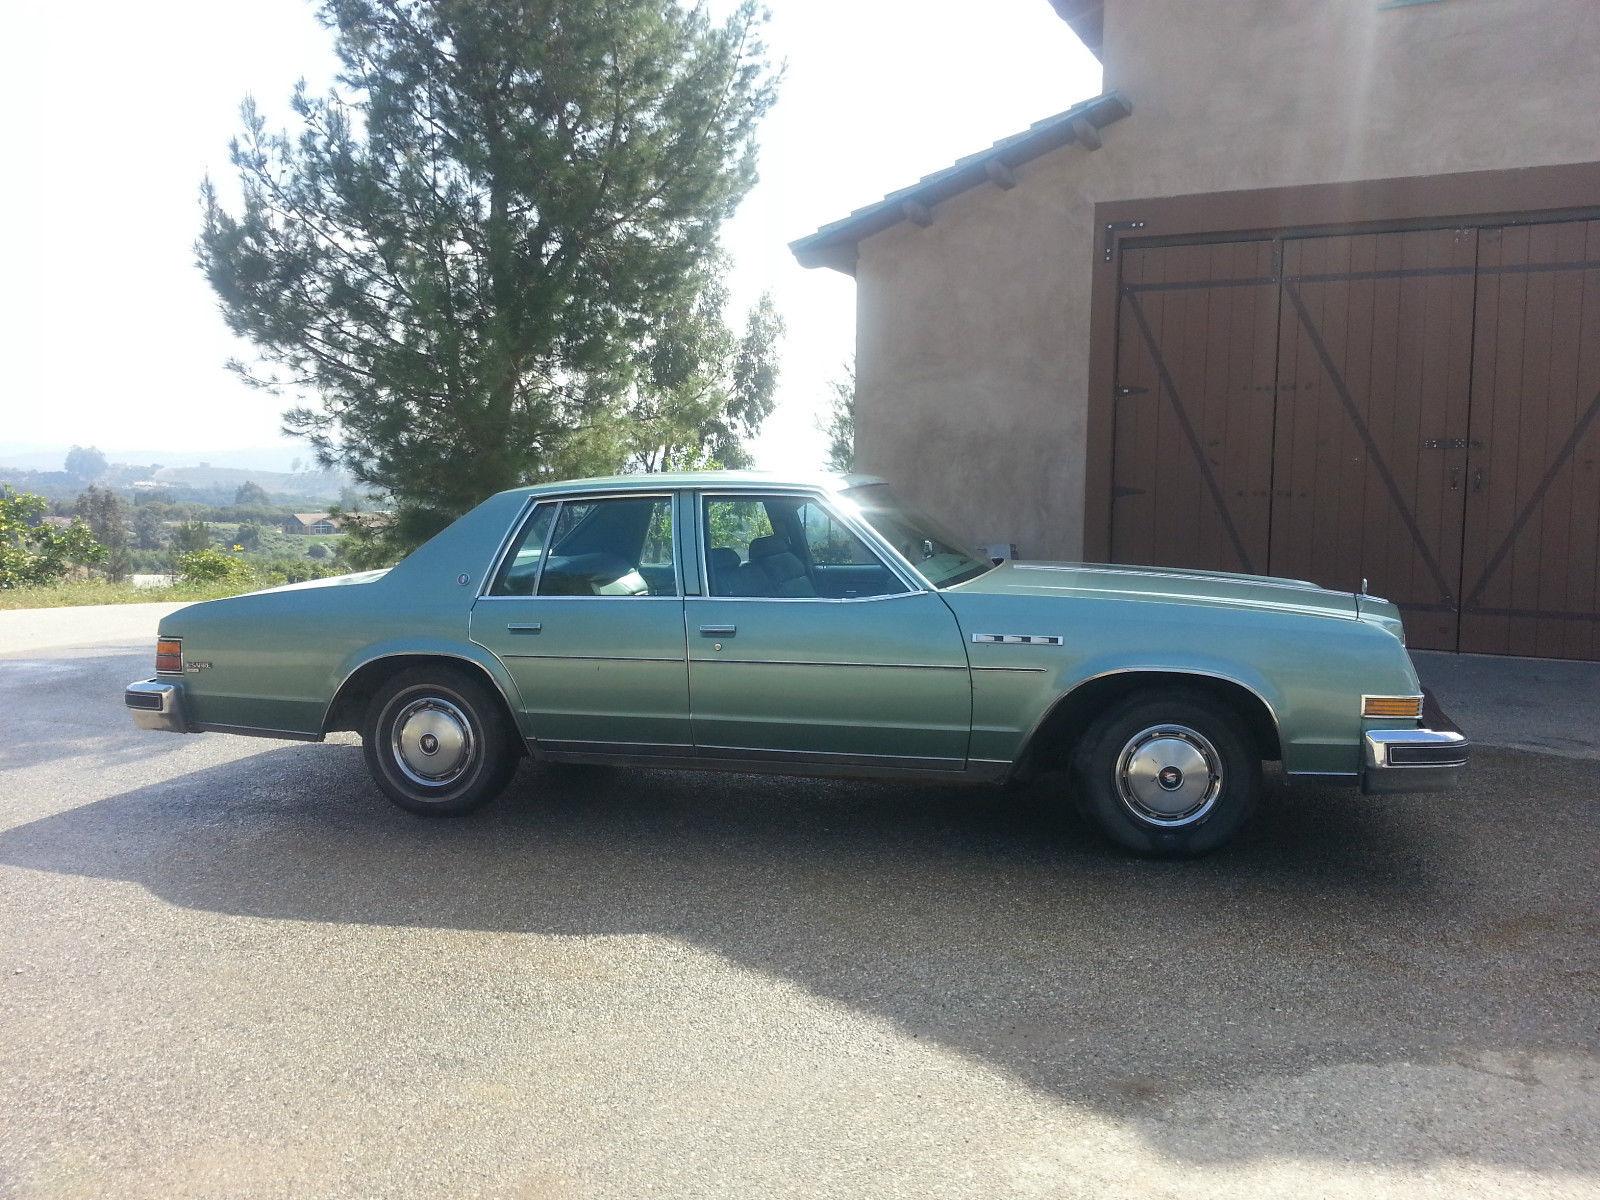 All American Classic Cars 1977 Buick LeSabre 4 Door Sedan